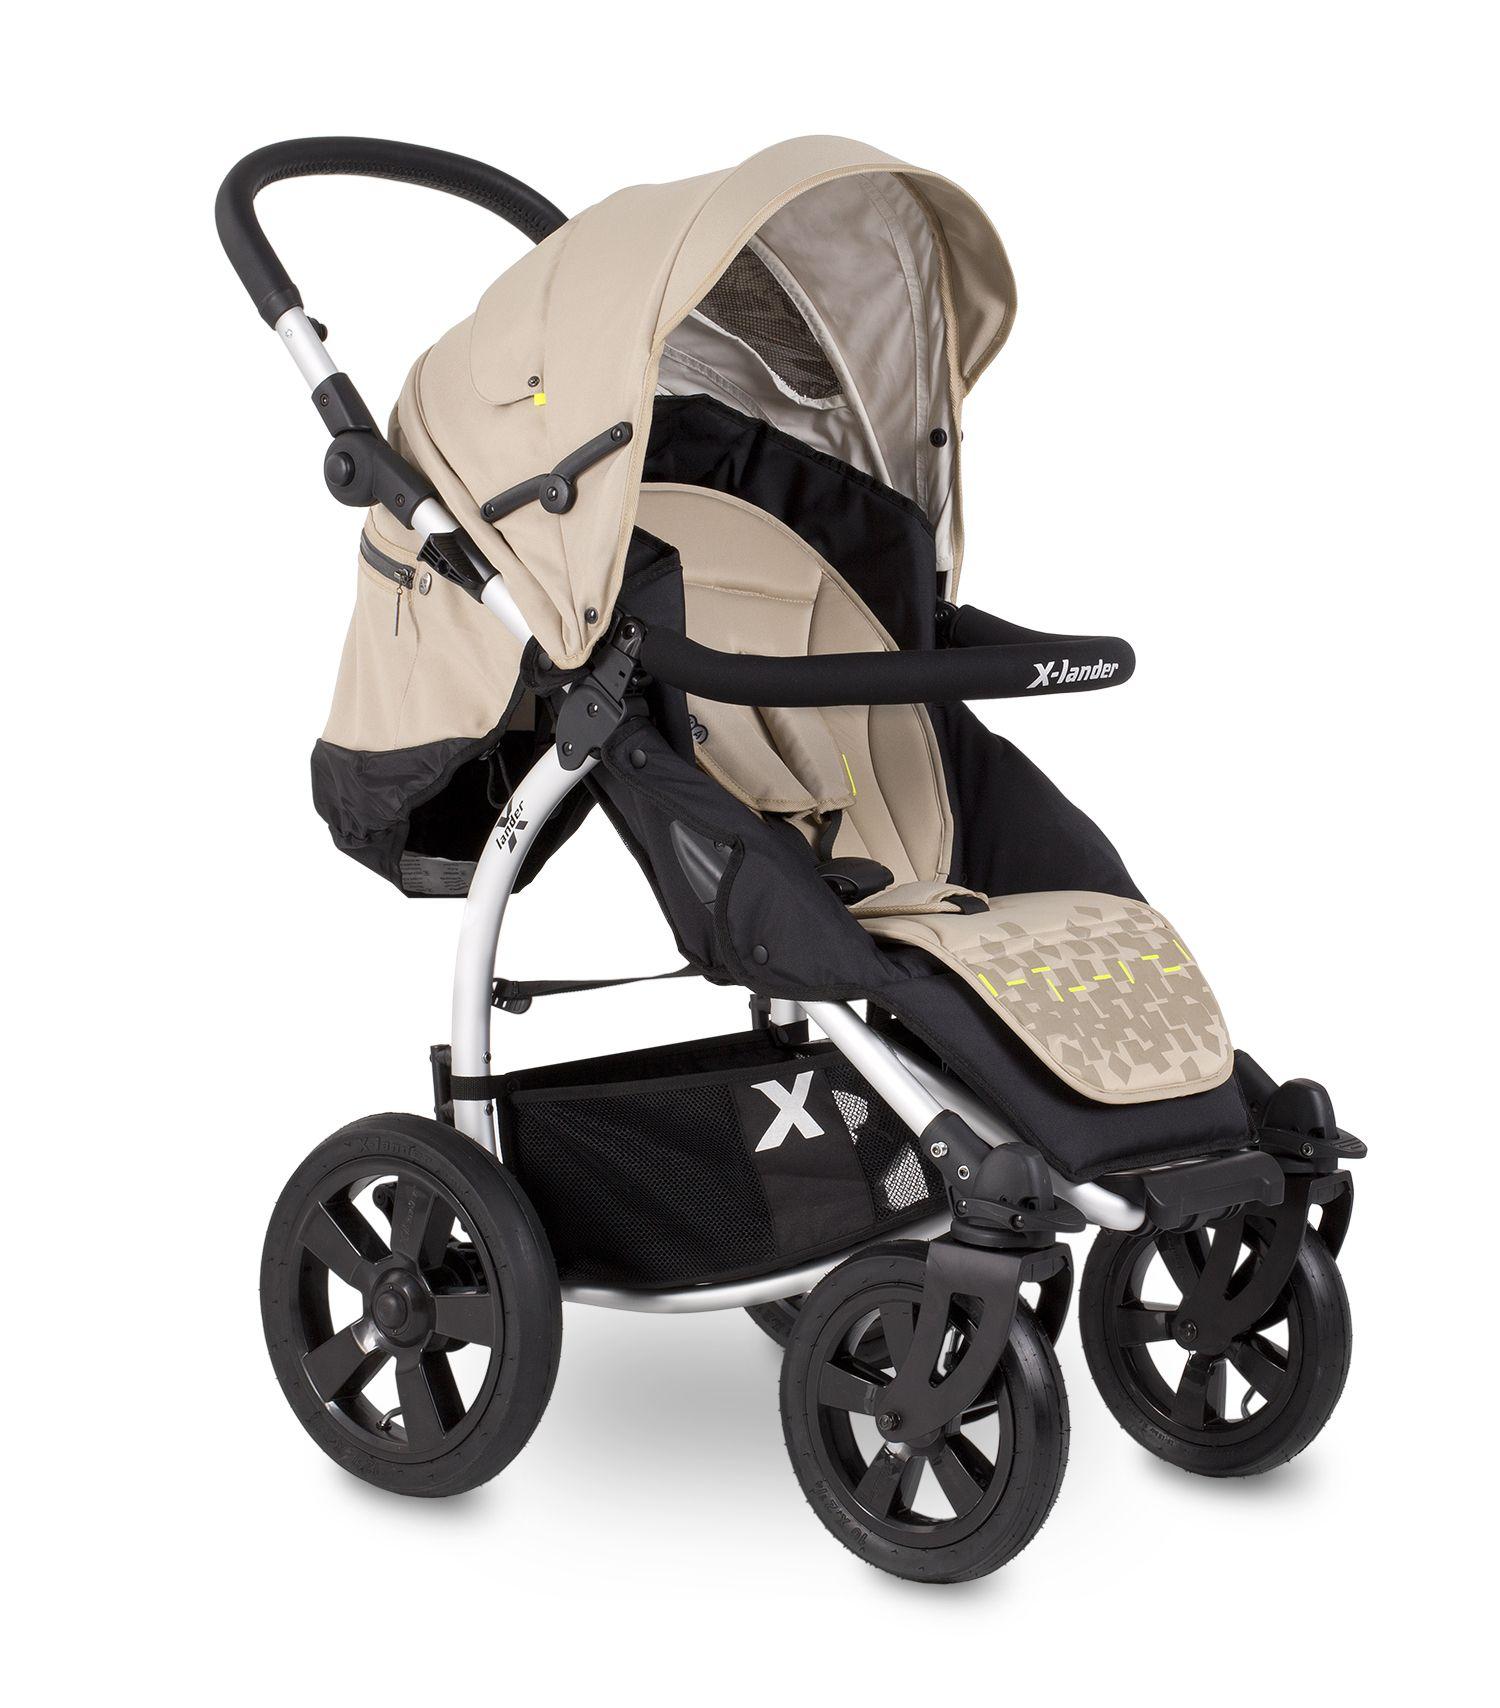 Wozek X Lander X A 3w1 2014 Besafe Spiworek 4792159412 Oficjalne Archiwum Allegro Carriage Stroller Baby Strollers Stroller